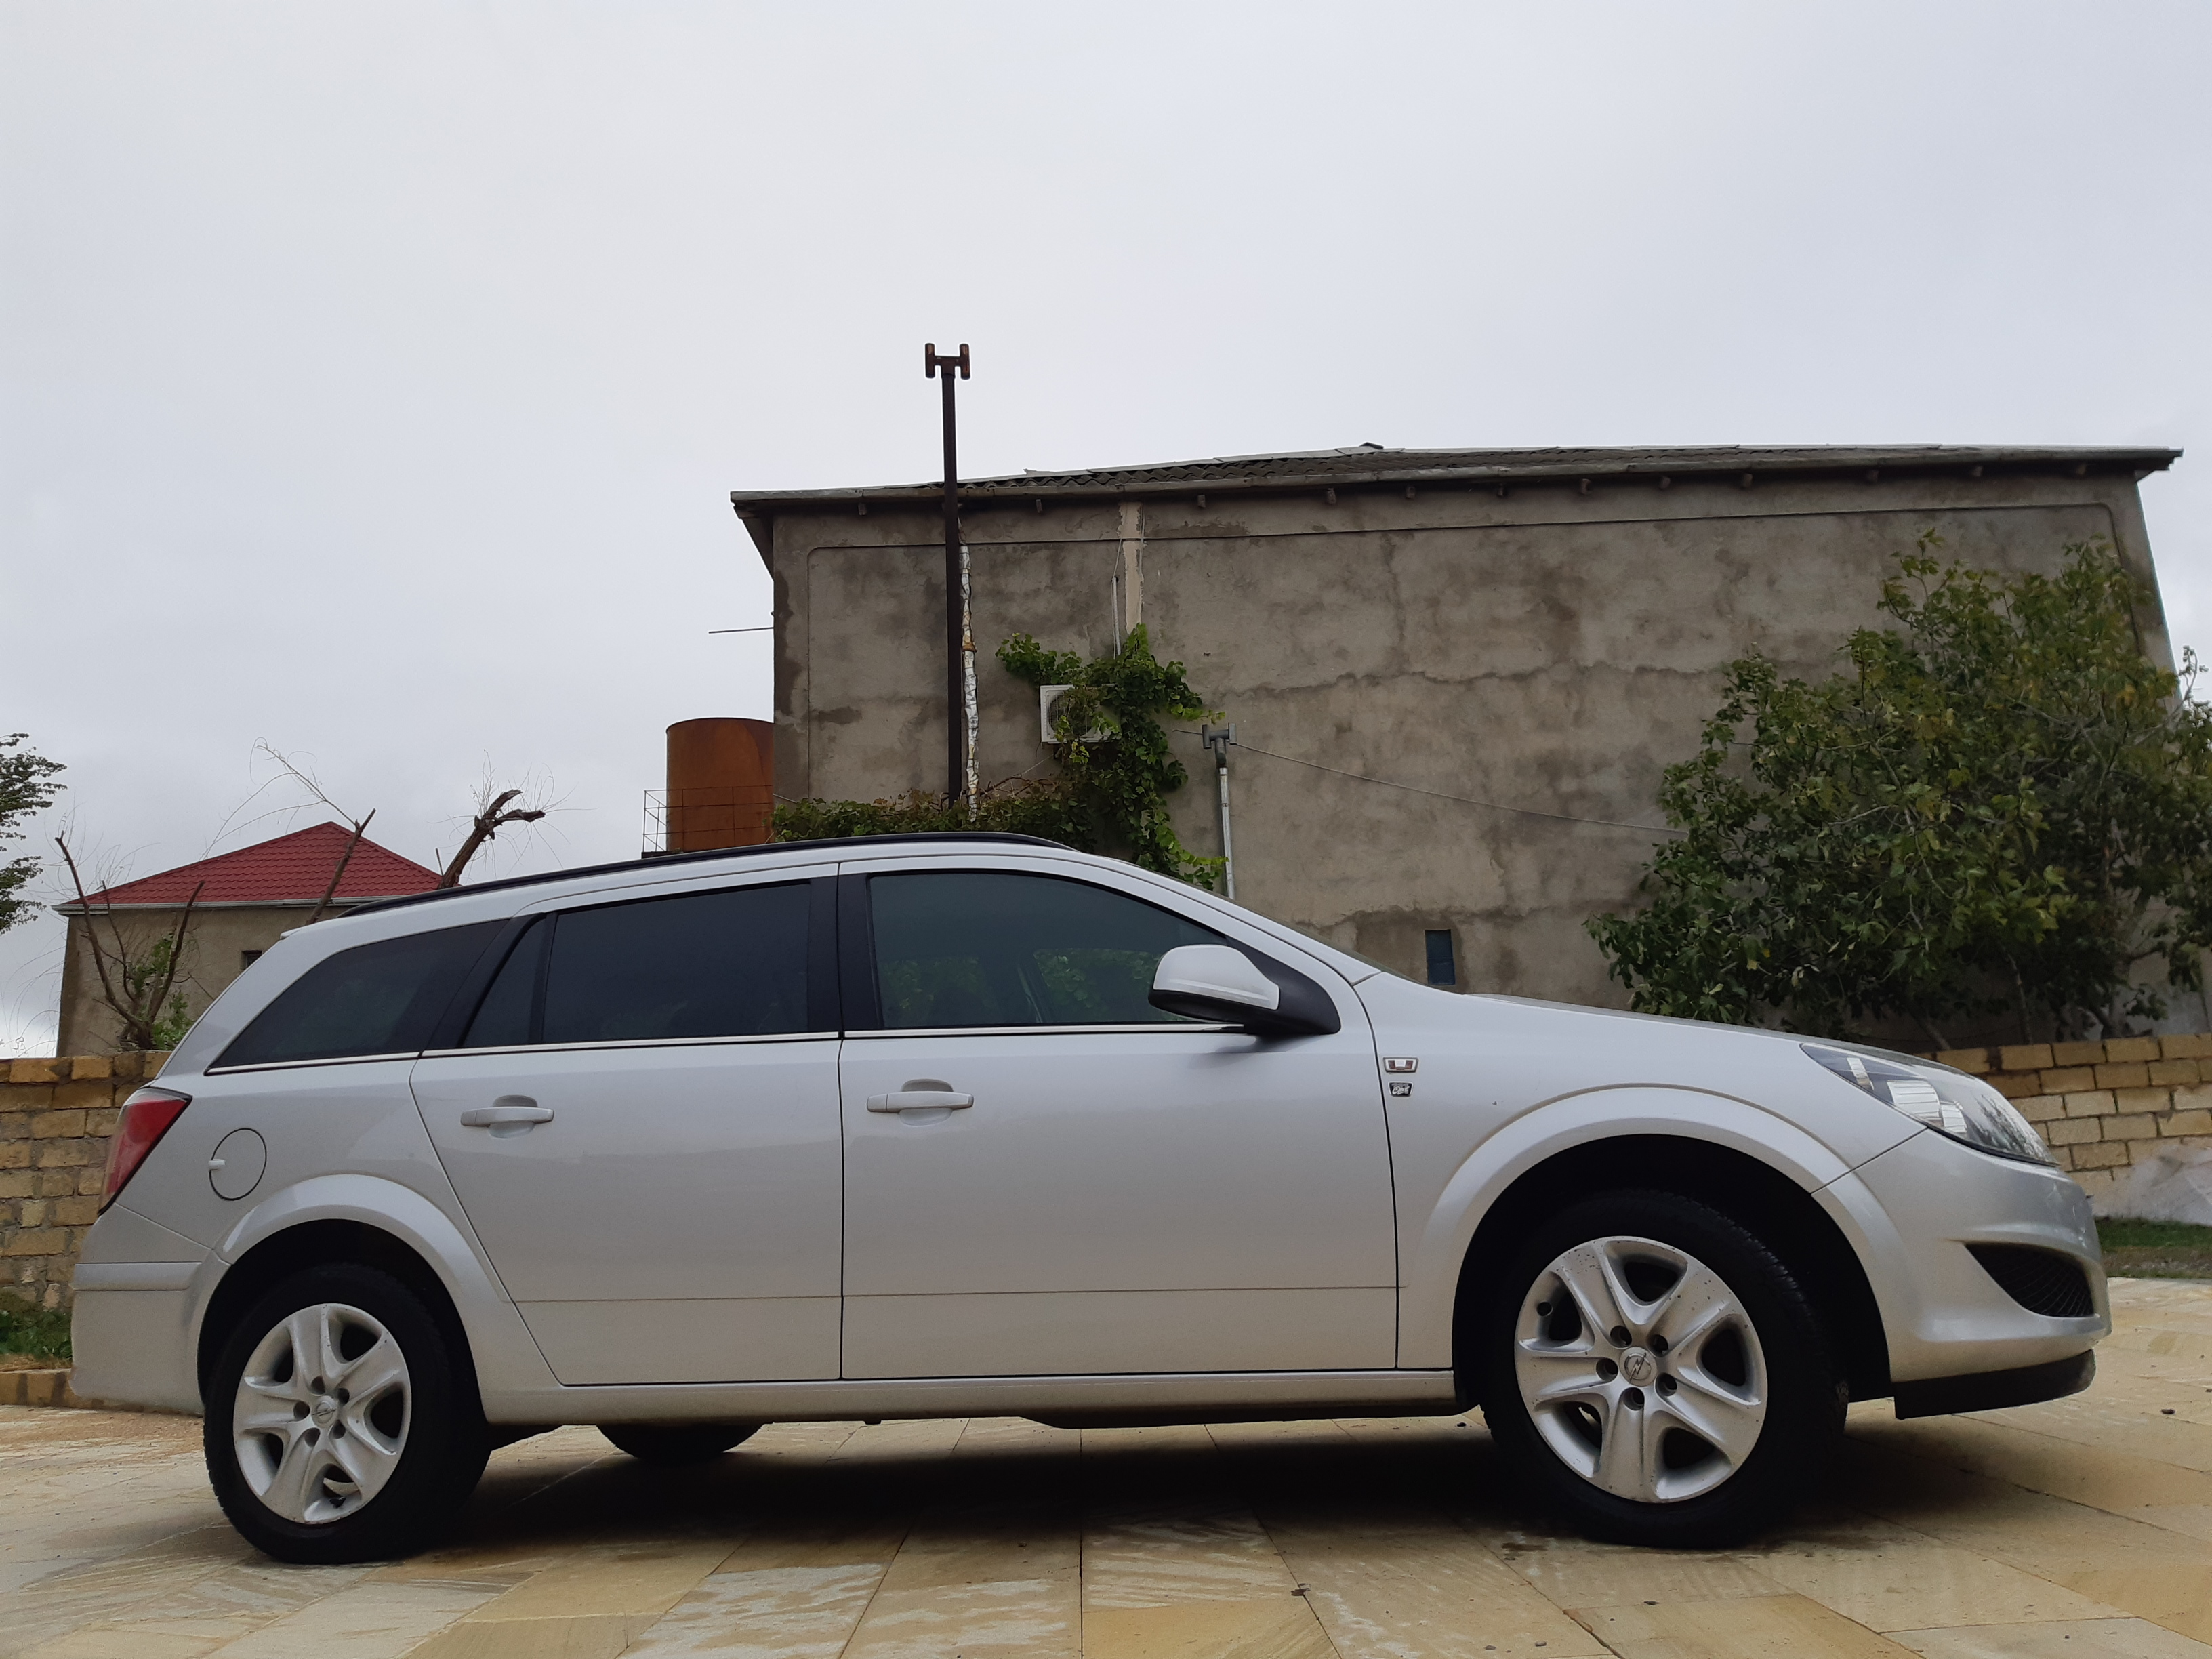 Opel Astra 1.7(lt) 2010 Подержанный  $8180